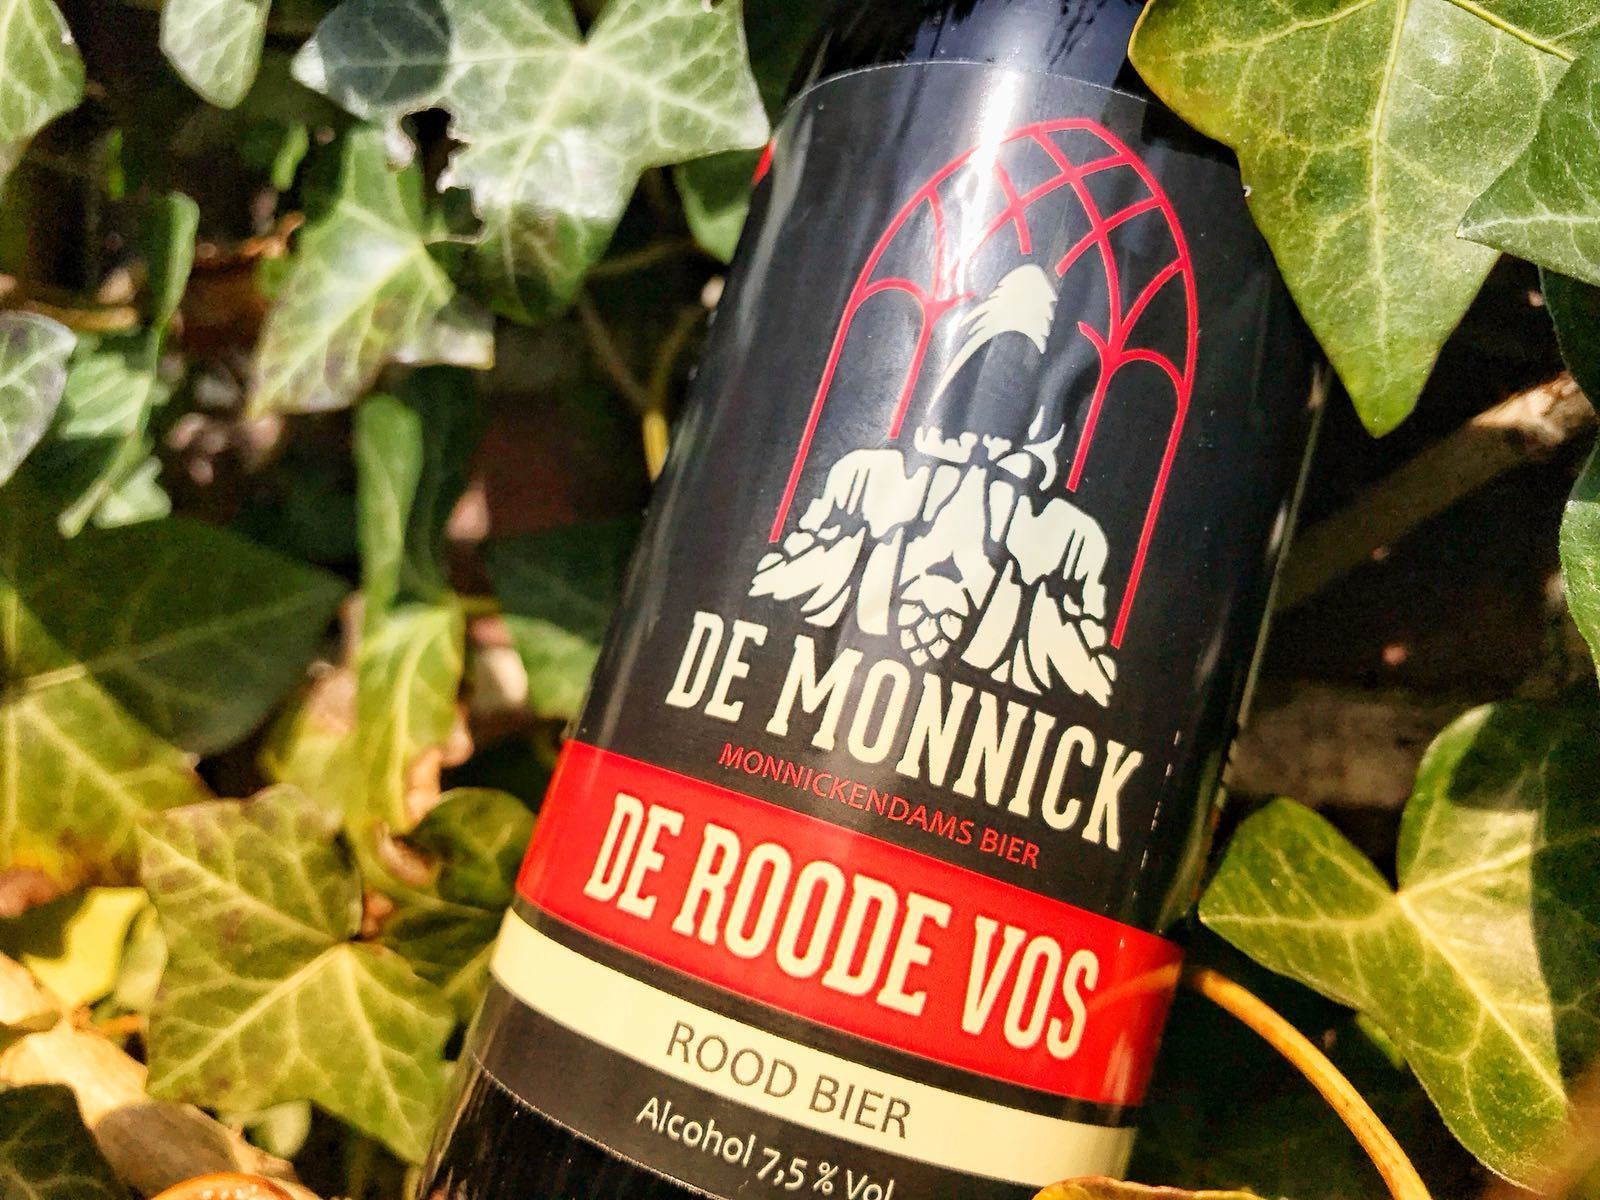 De Roode Vos van Bierbrouwerij De Monnick